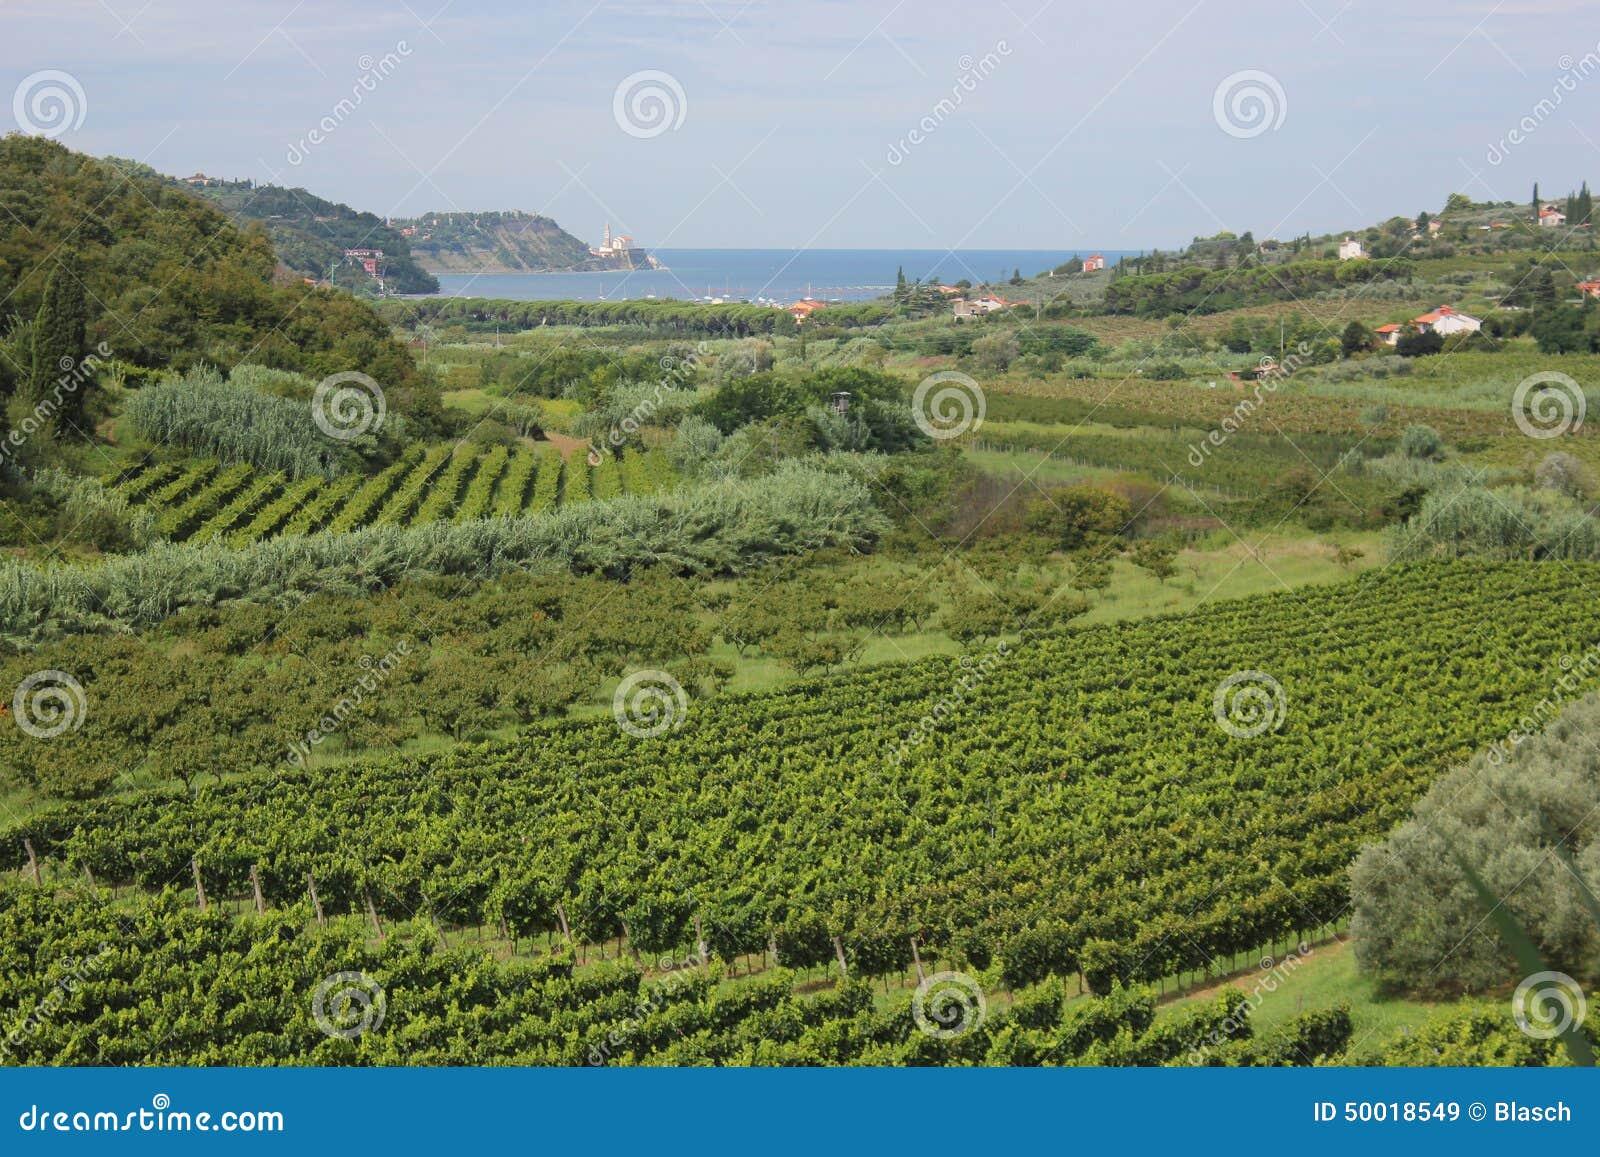 Vigne ed alberi da frutto slovenia immagine stock for Alberi da frutto prezzi